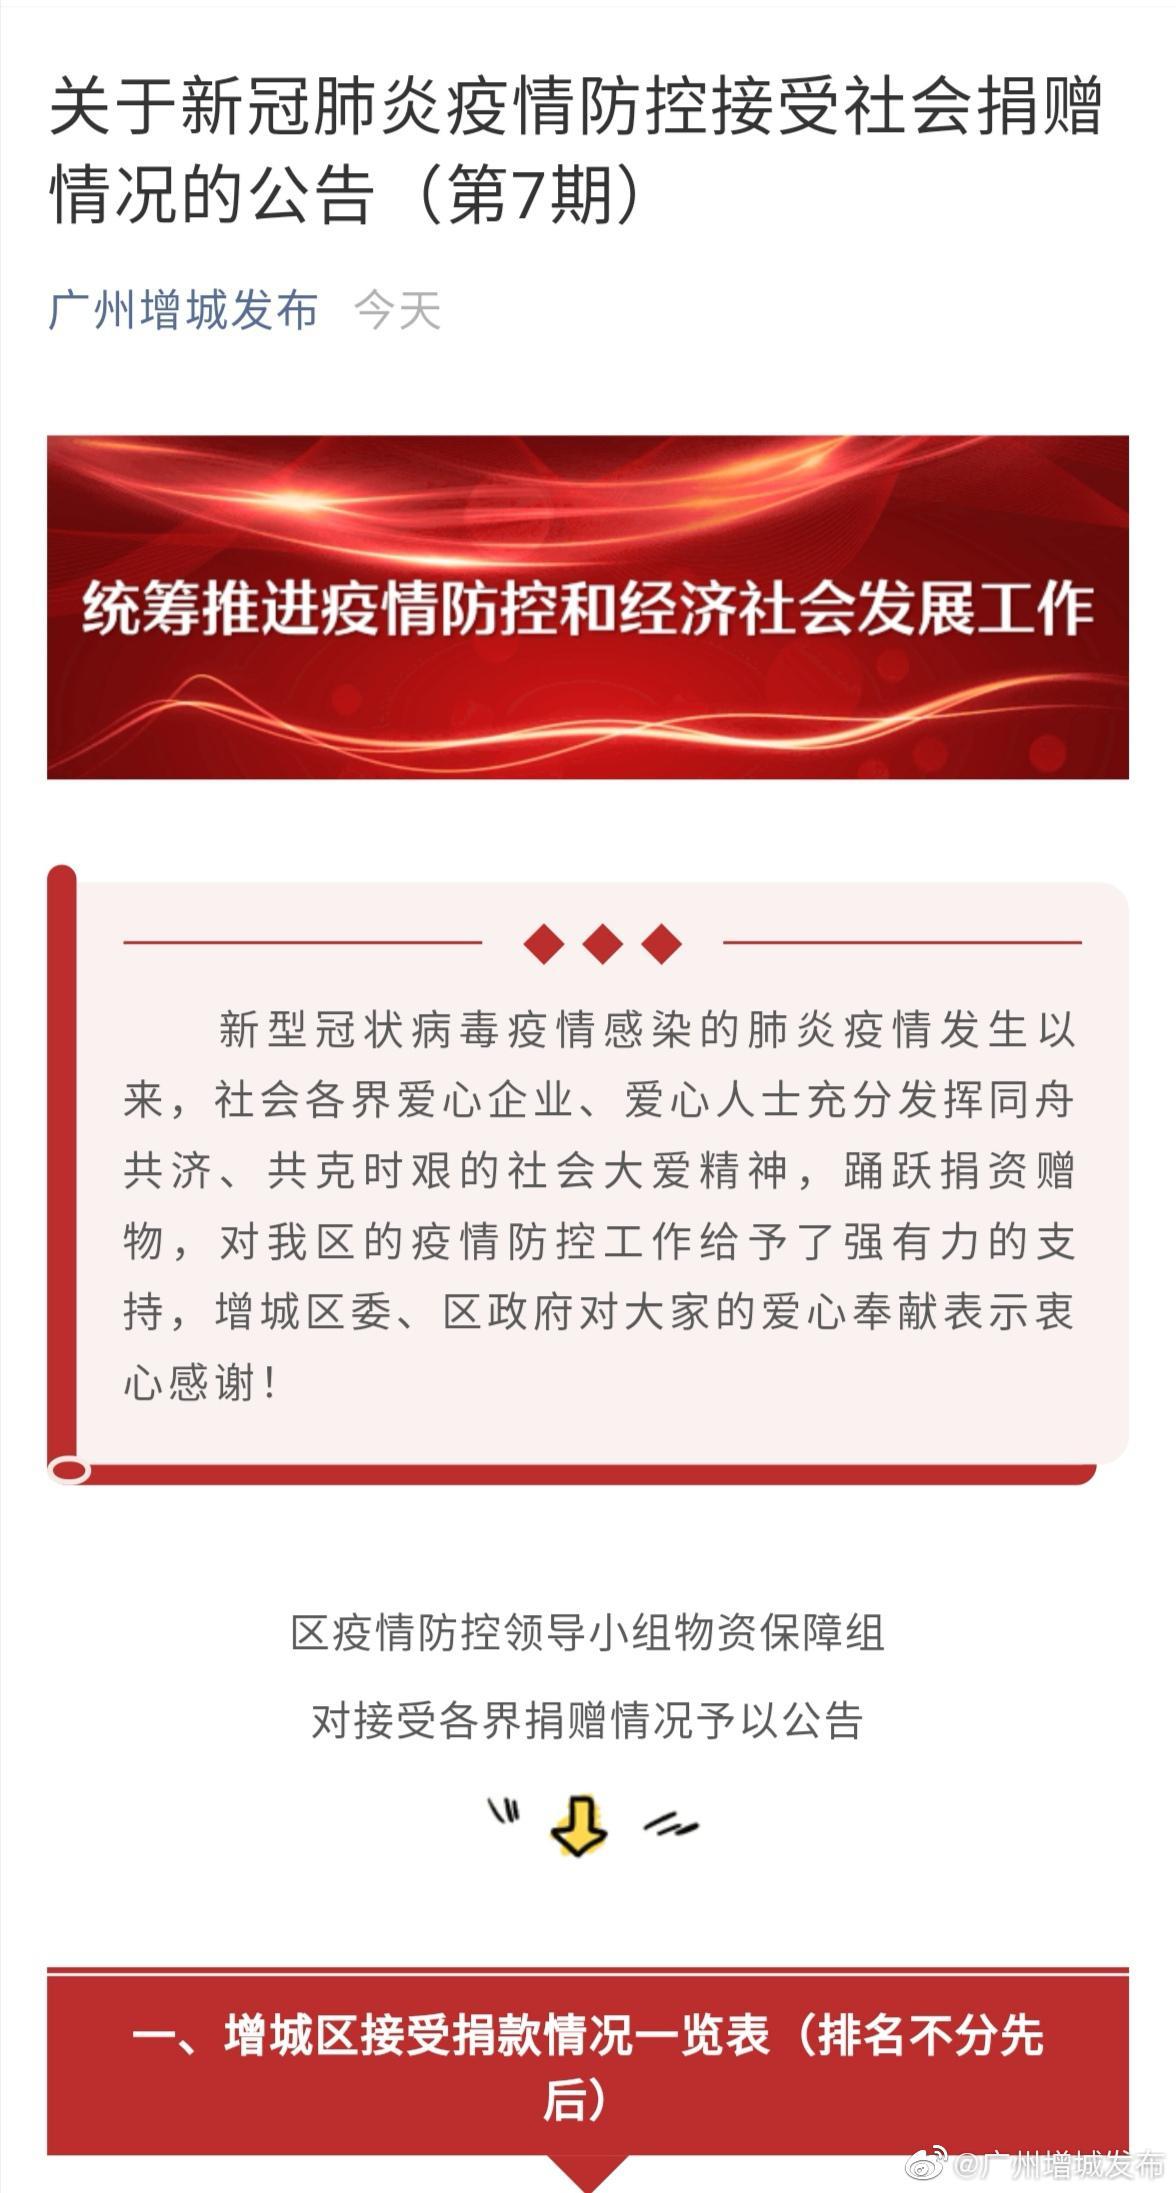 关于新冠肺炎疫情防控接受社会捐赠情况的公告(第7期)